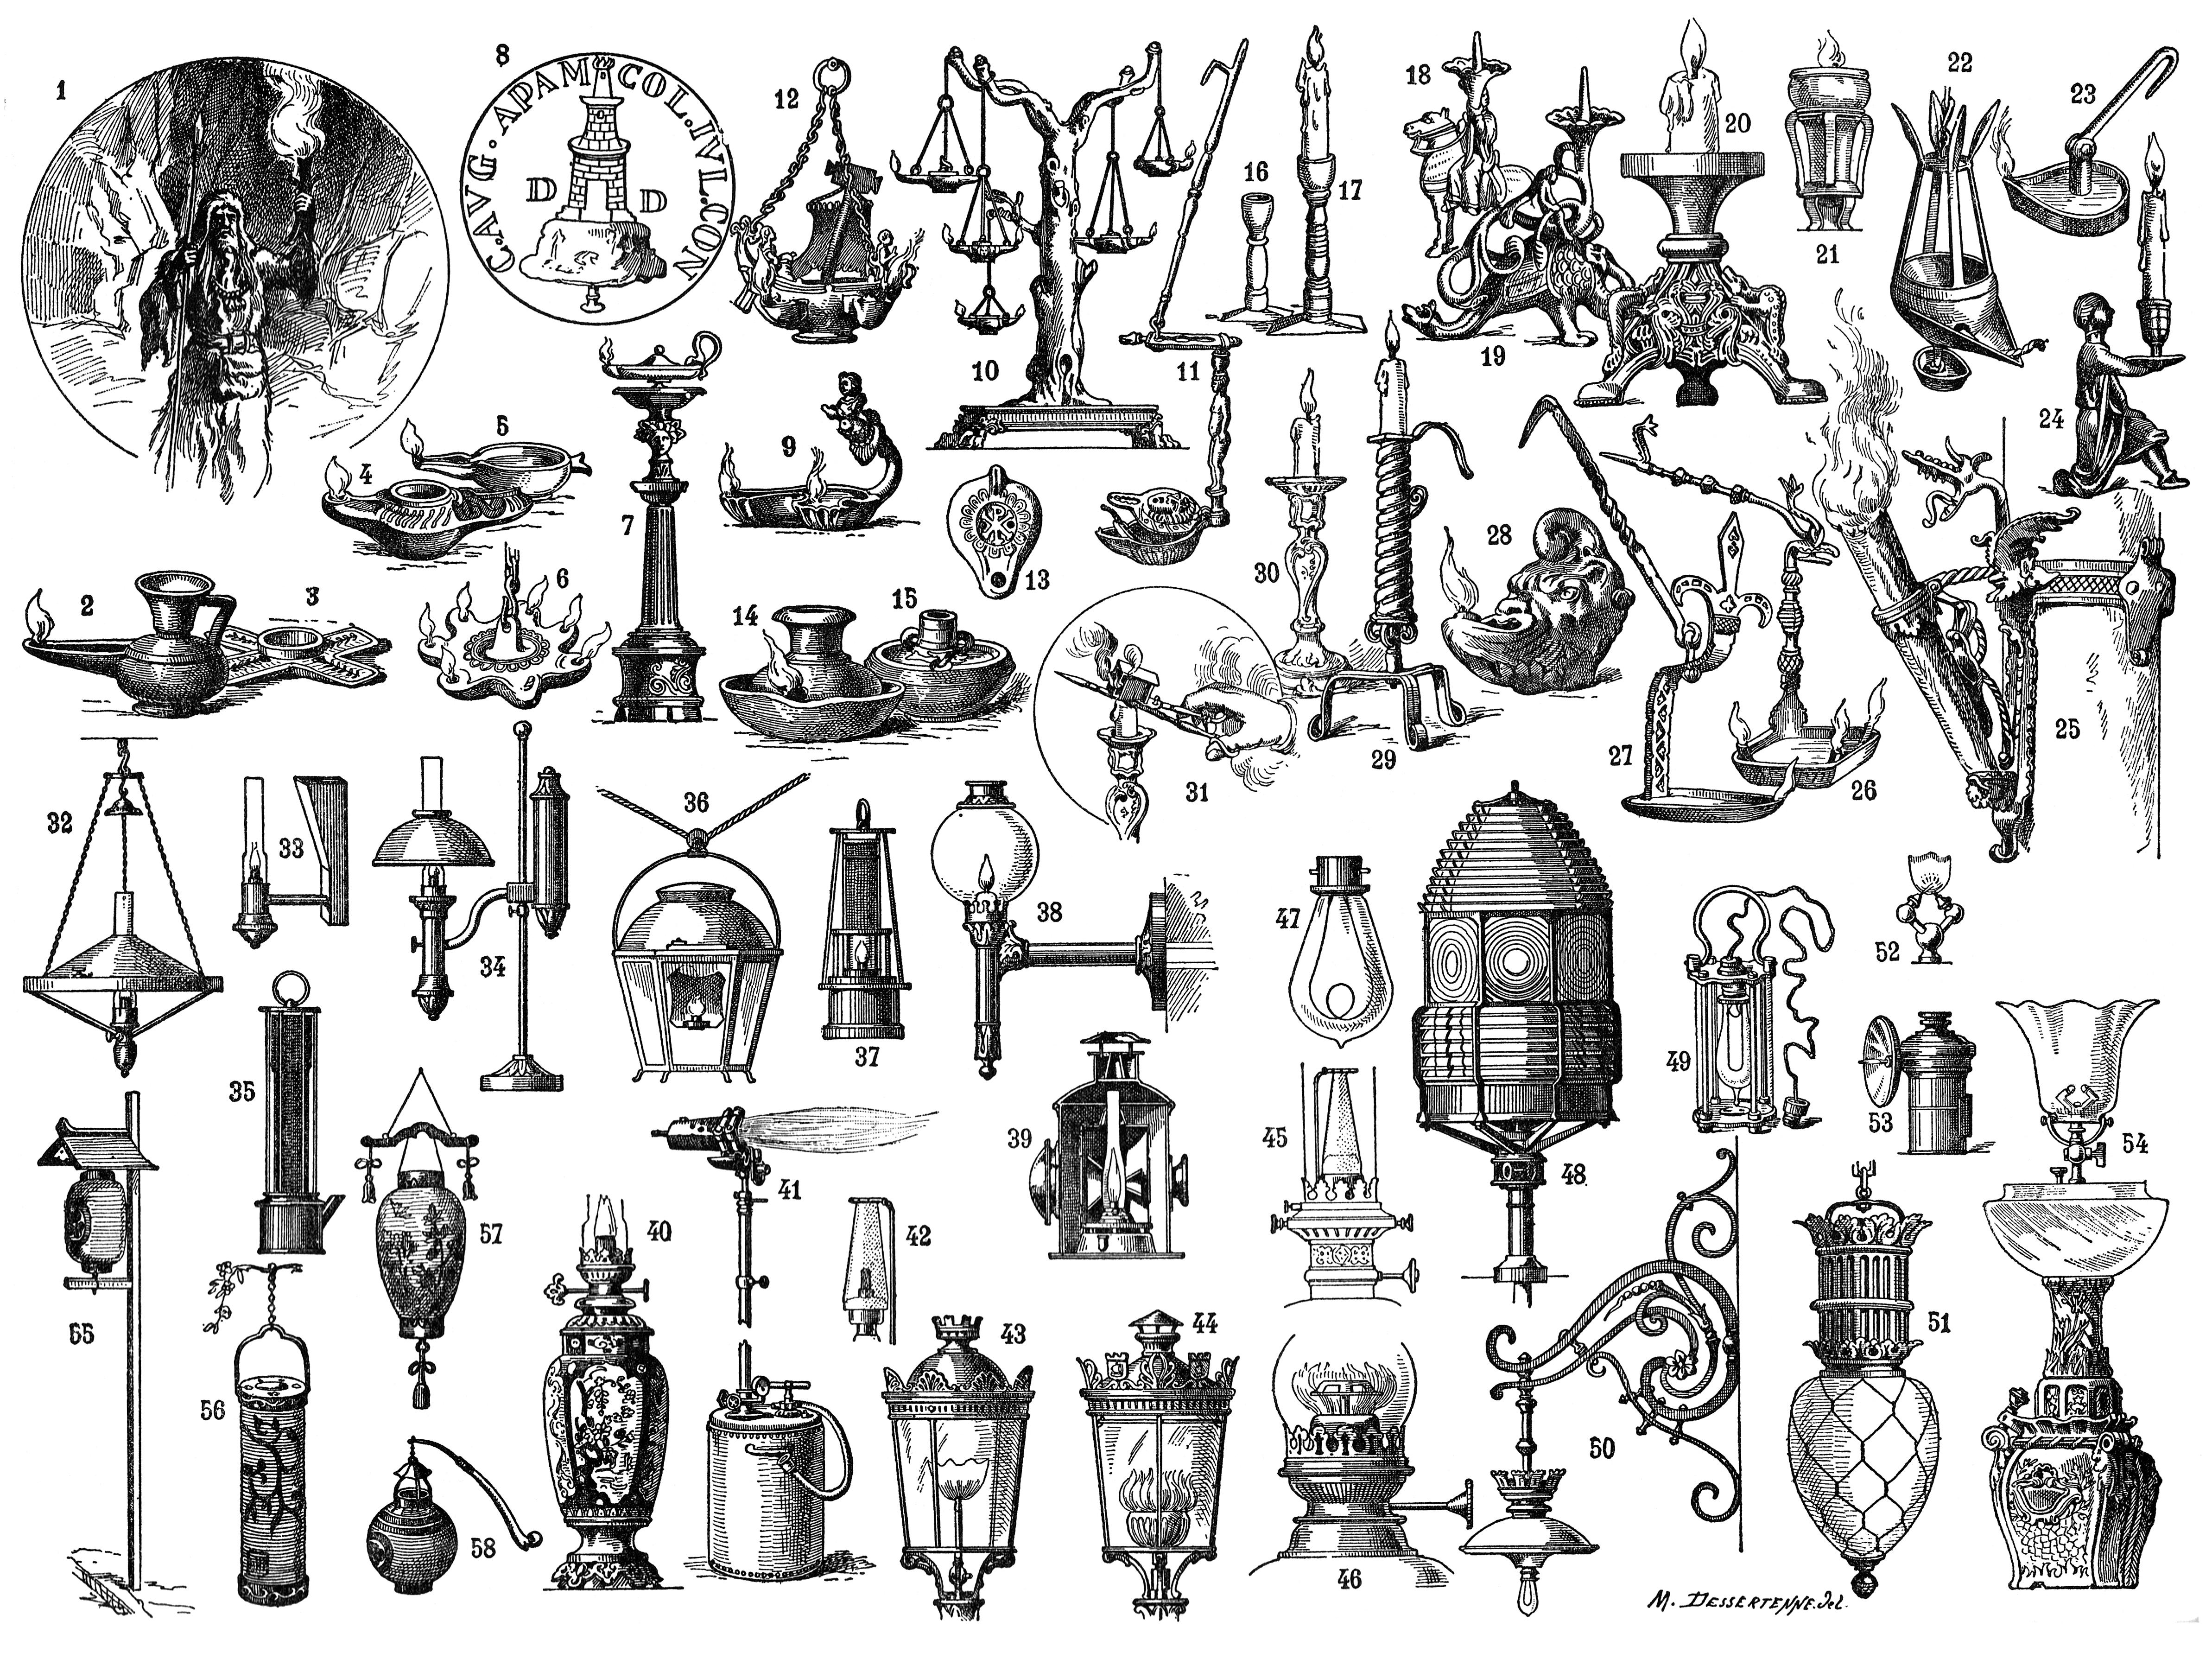 Морис Дессертен, «Eclairage» (Освещение) вNouveau Larousse Encyclopedia («Новой энциклопедии Ларусса»)